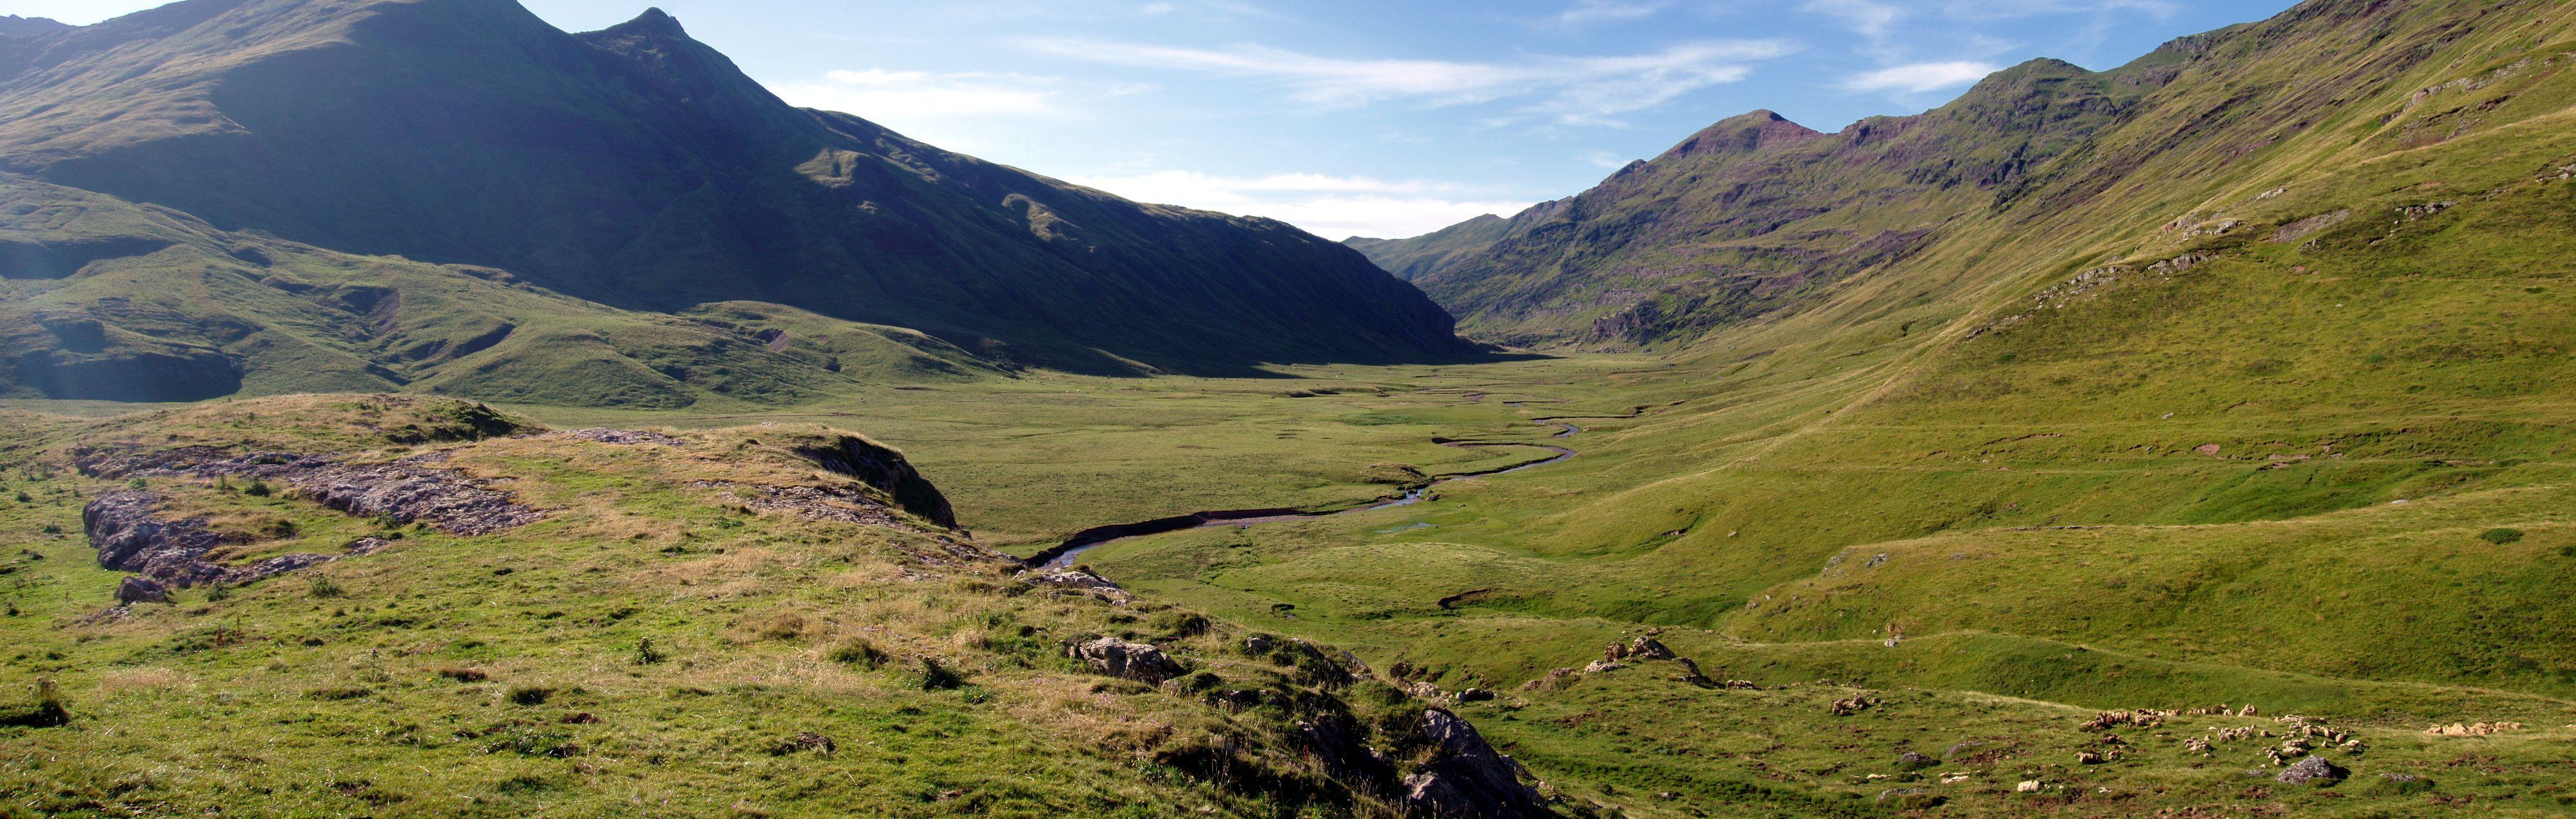 Una escapada de fin de semana en el Valle de Hecho – 4 excursiones en el Valle de Hecho